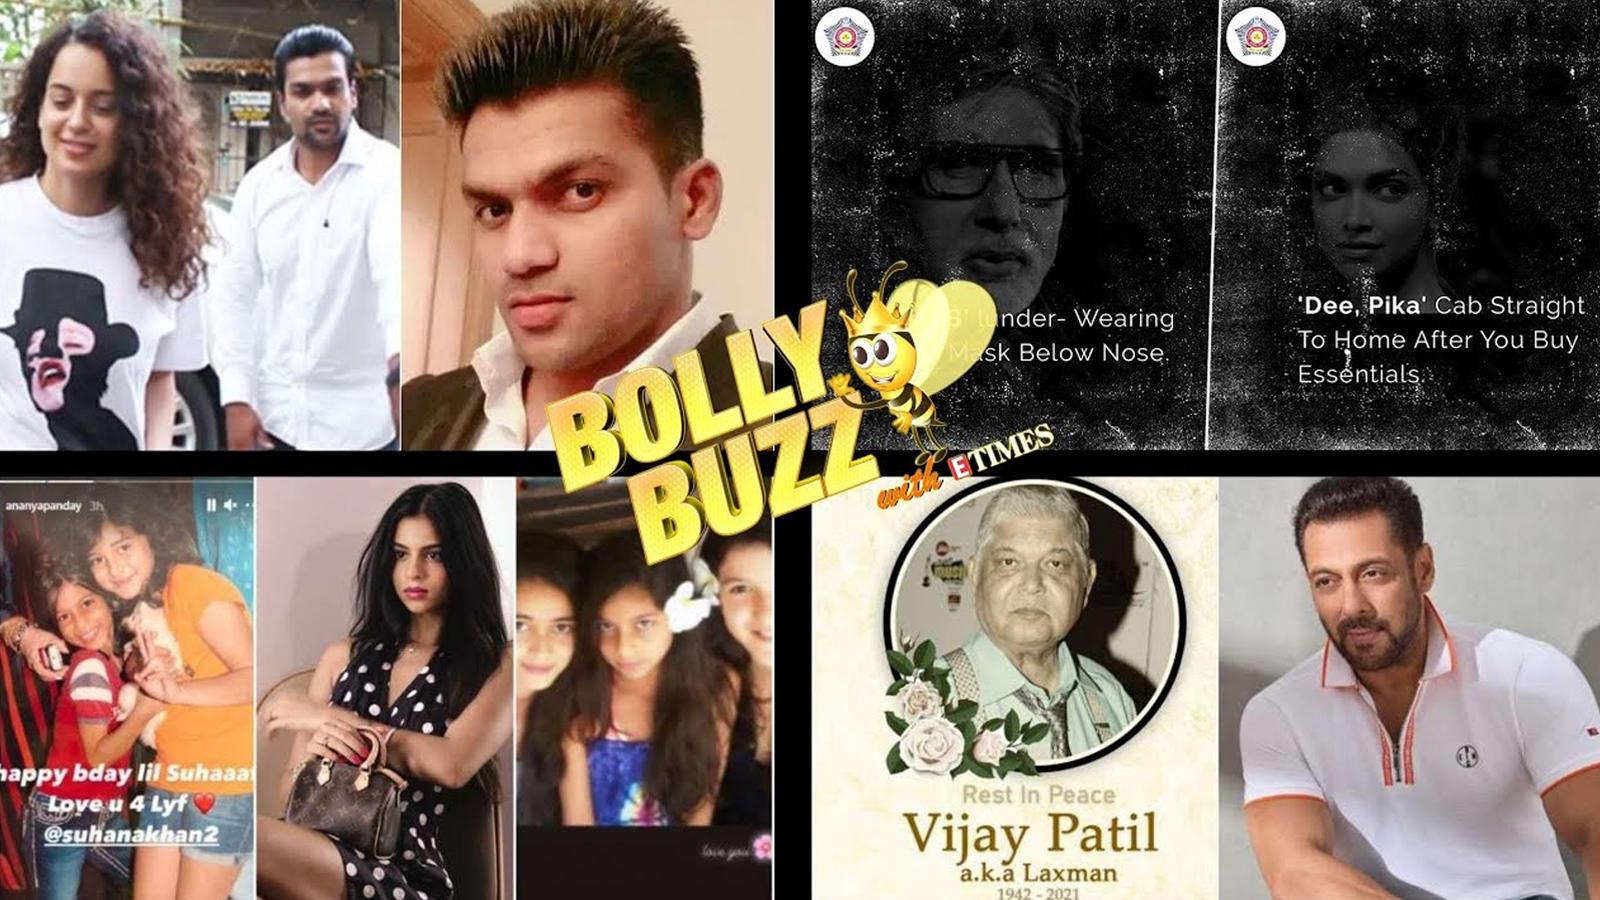 Bolly Buzz: Suhana's BIRTHDAY, FIR against Kangana's bodyguard, Salman MOURNS Vijay Patil's demise | Hindi Movie News – Bollywood – Times of India